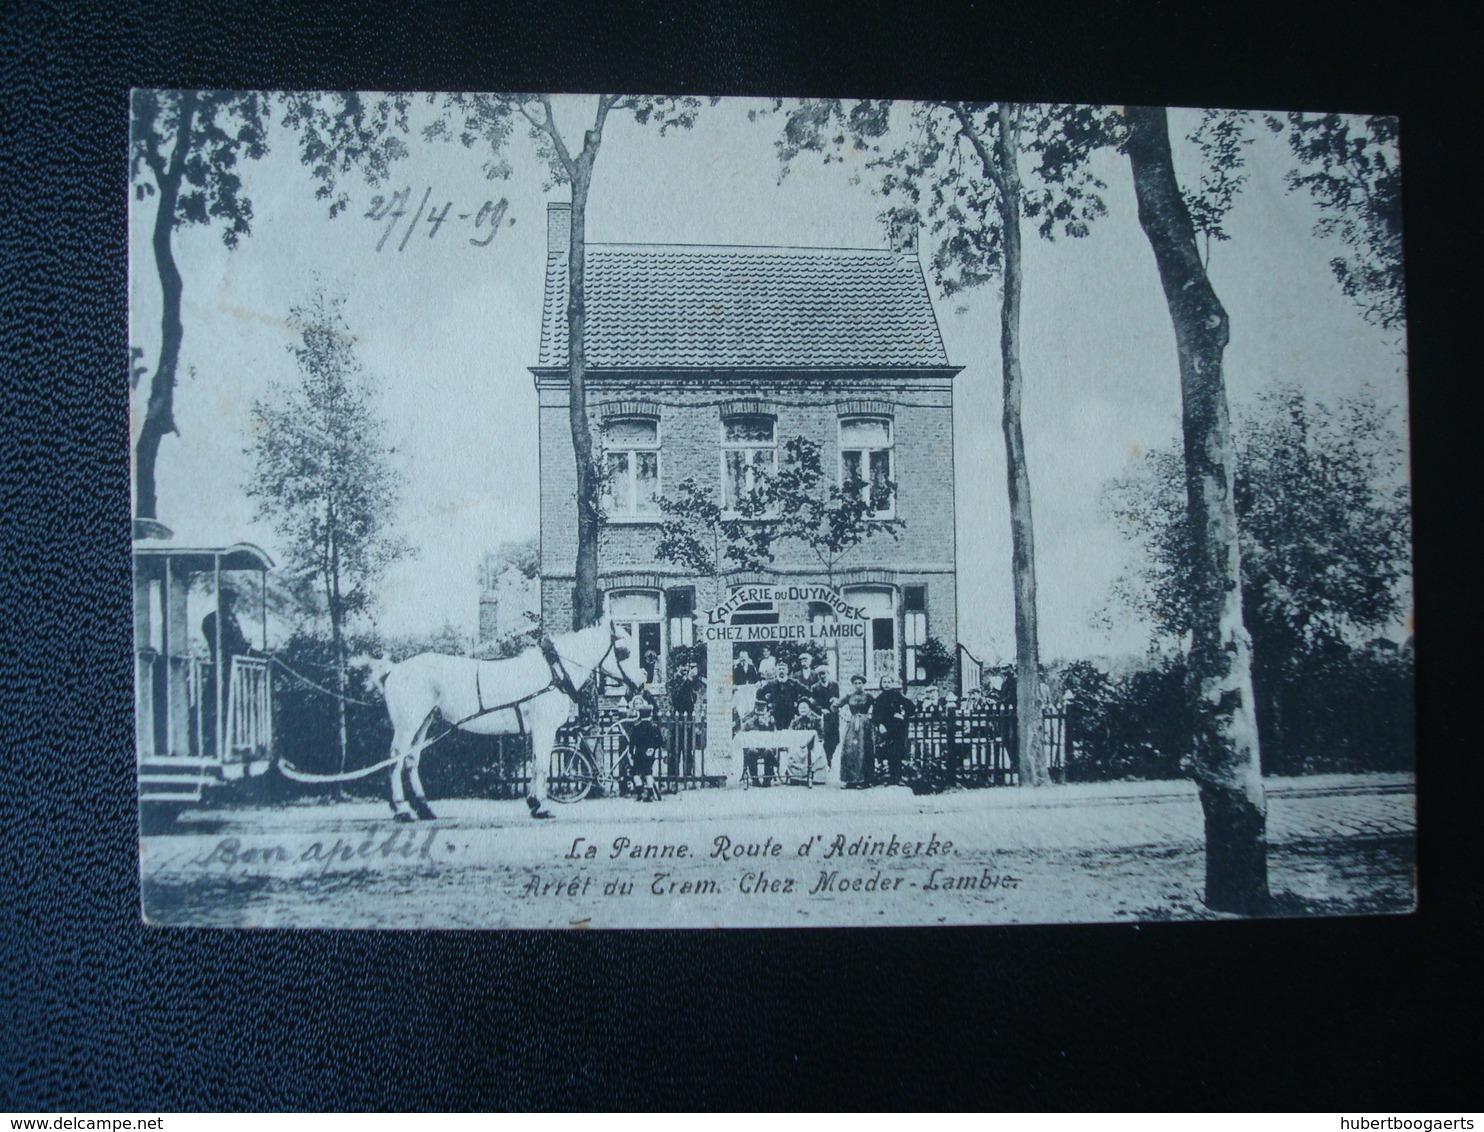 LA PANNE Moeder-Lambic : Café Restaurant Route D'Adinkerke - Arrêt Du Tram Hypomobile En 1909 - Belgique